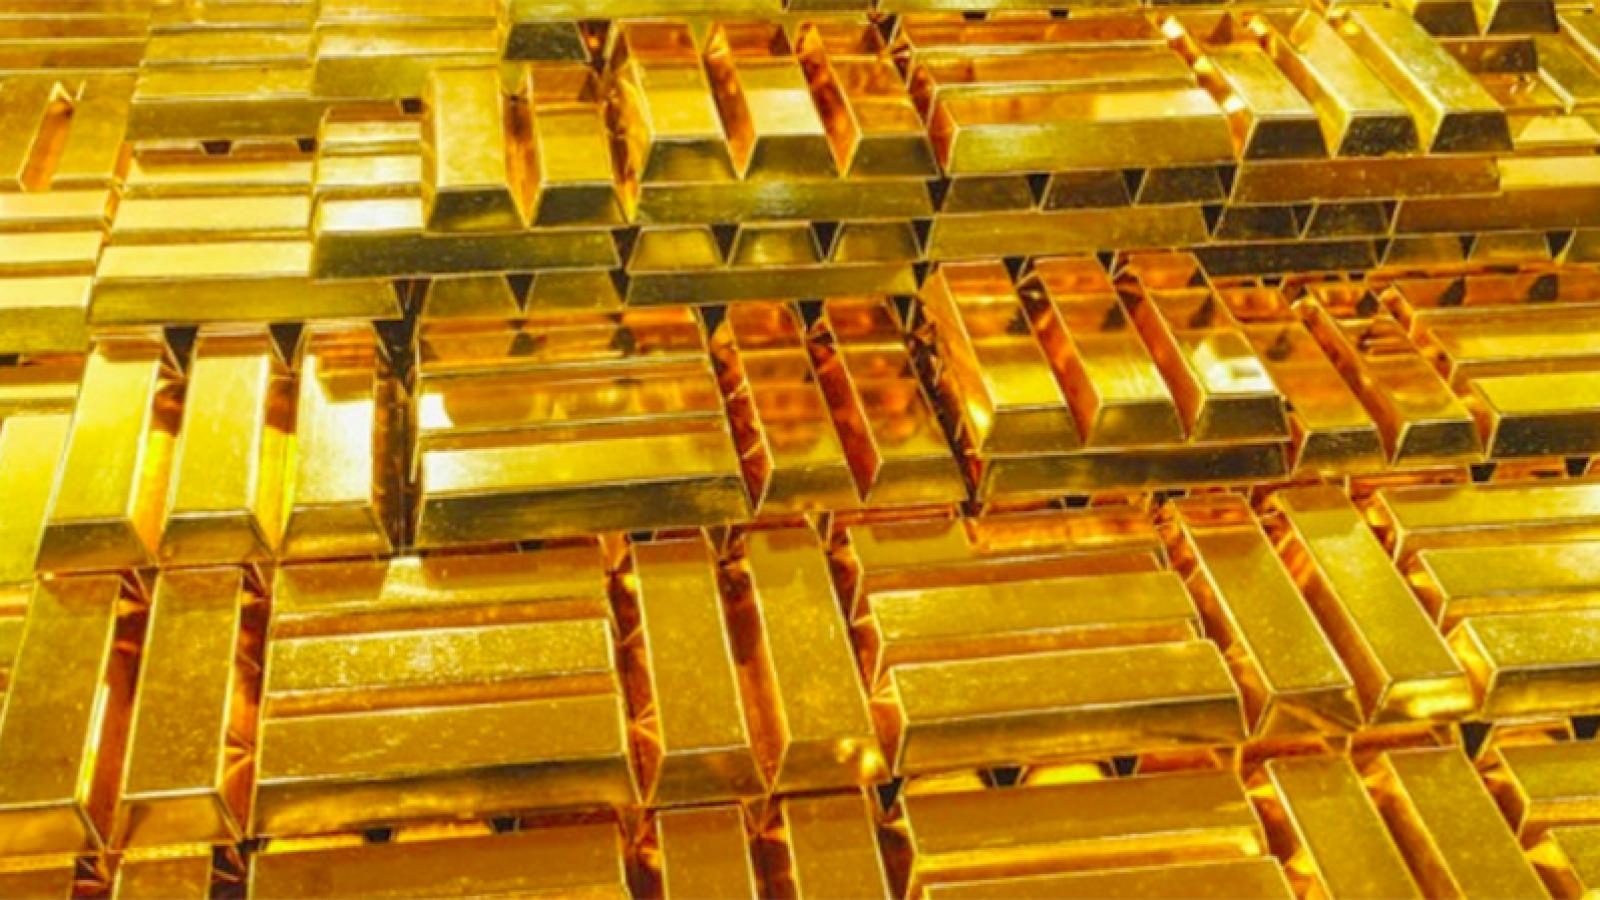 Vàng thế giới quay đầu giảm, vàng trong nước vẫn đứng giá